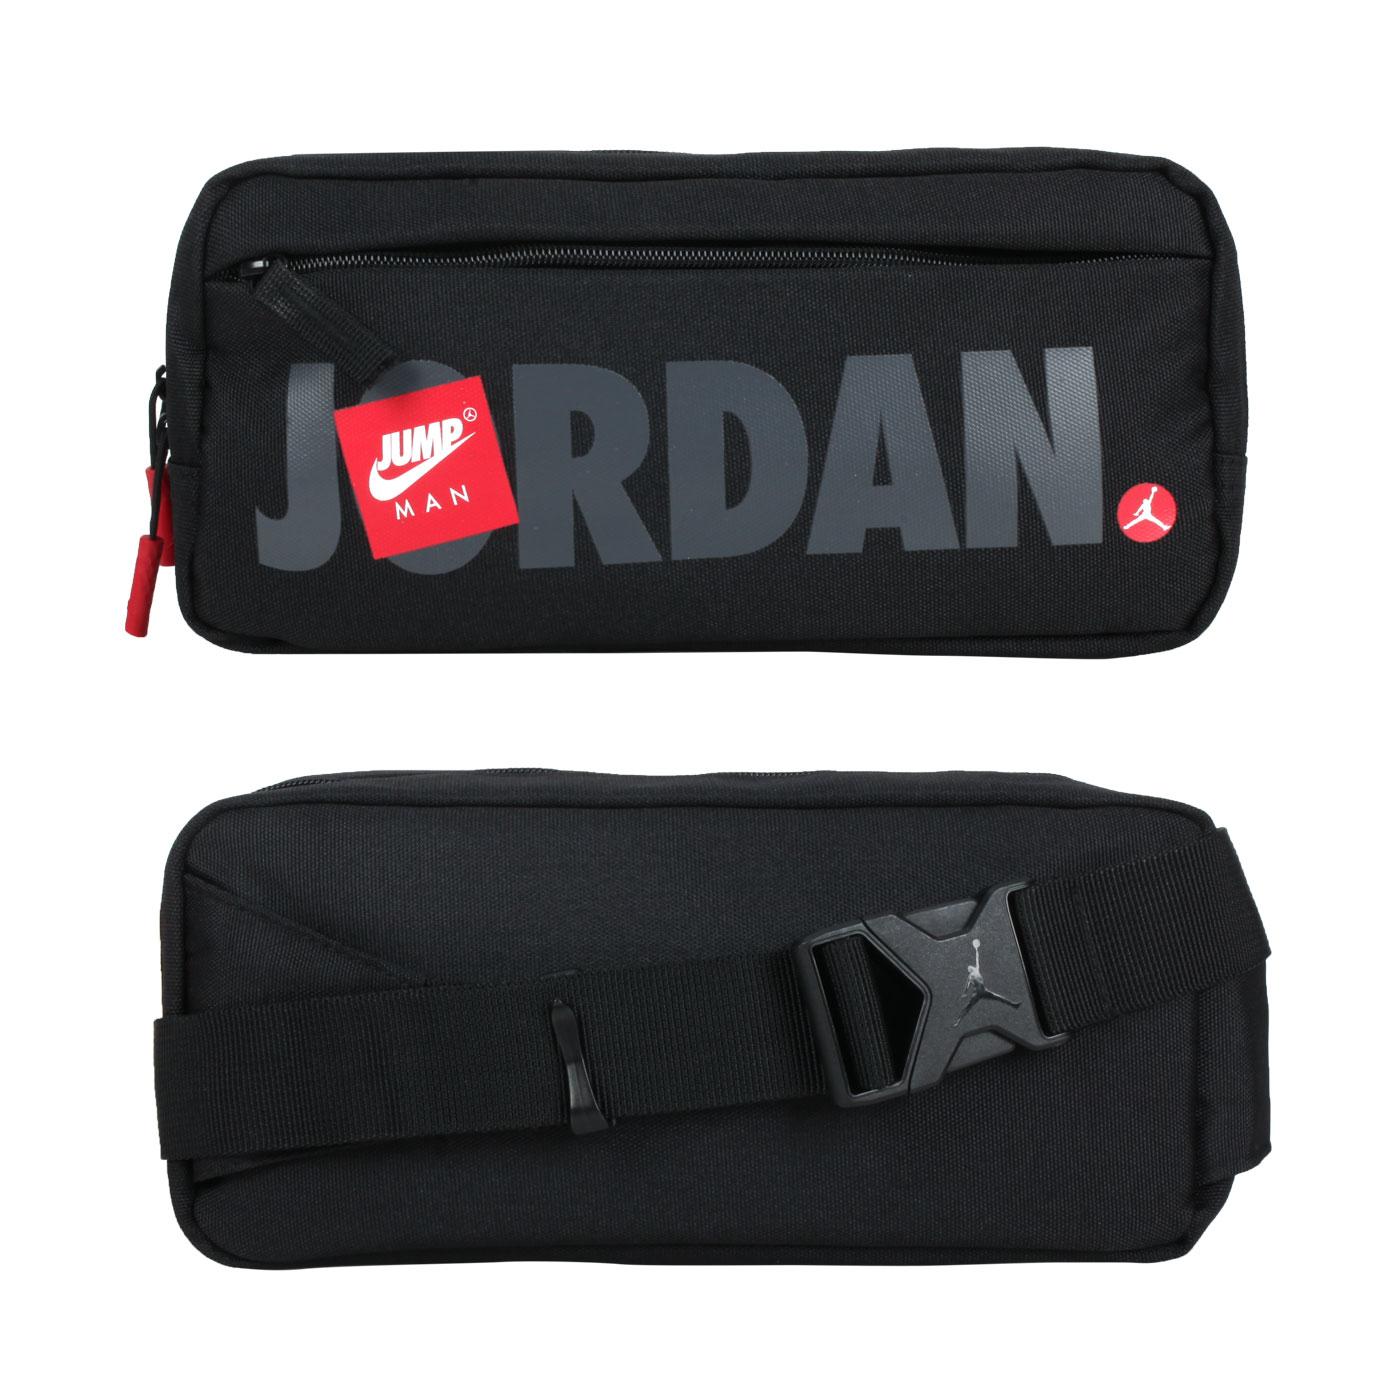 NIKE JORDAN 中型腰包 JD2113015AD-001